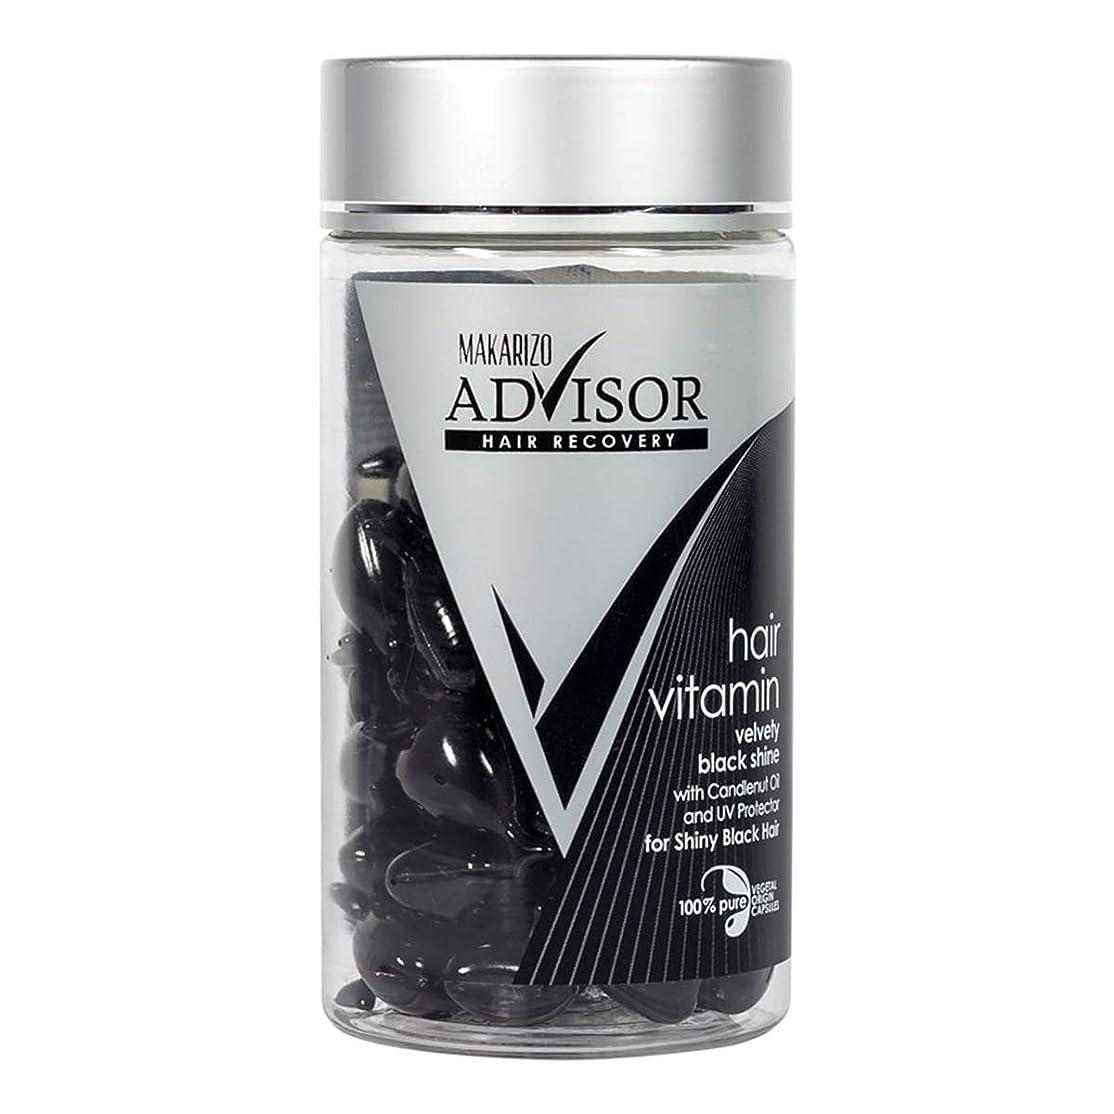 レンドうめきファセットMAKARIZO マカリゾ Advisor アドバイザー Hair Vitamin ヘアビタミン 50粒入ボトル Velvety Black Shine ブラック [海外直送品]